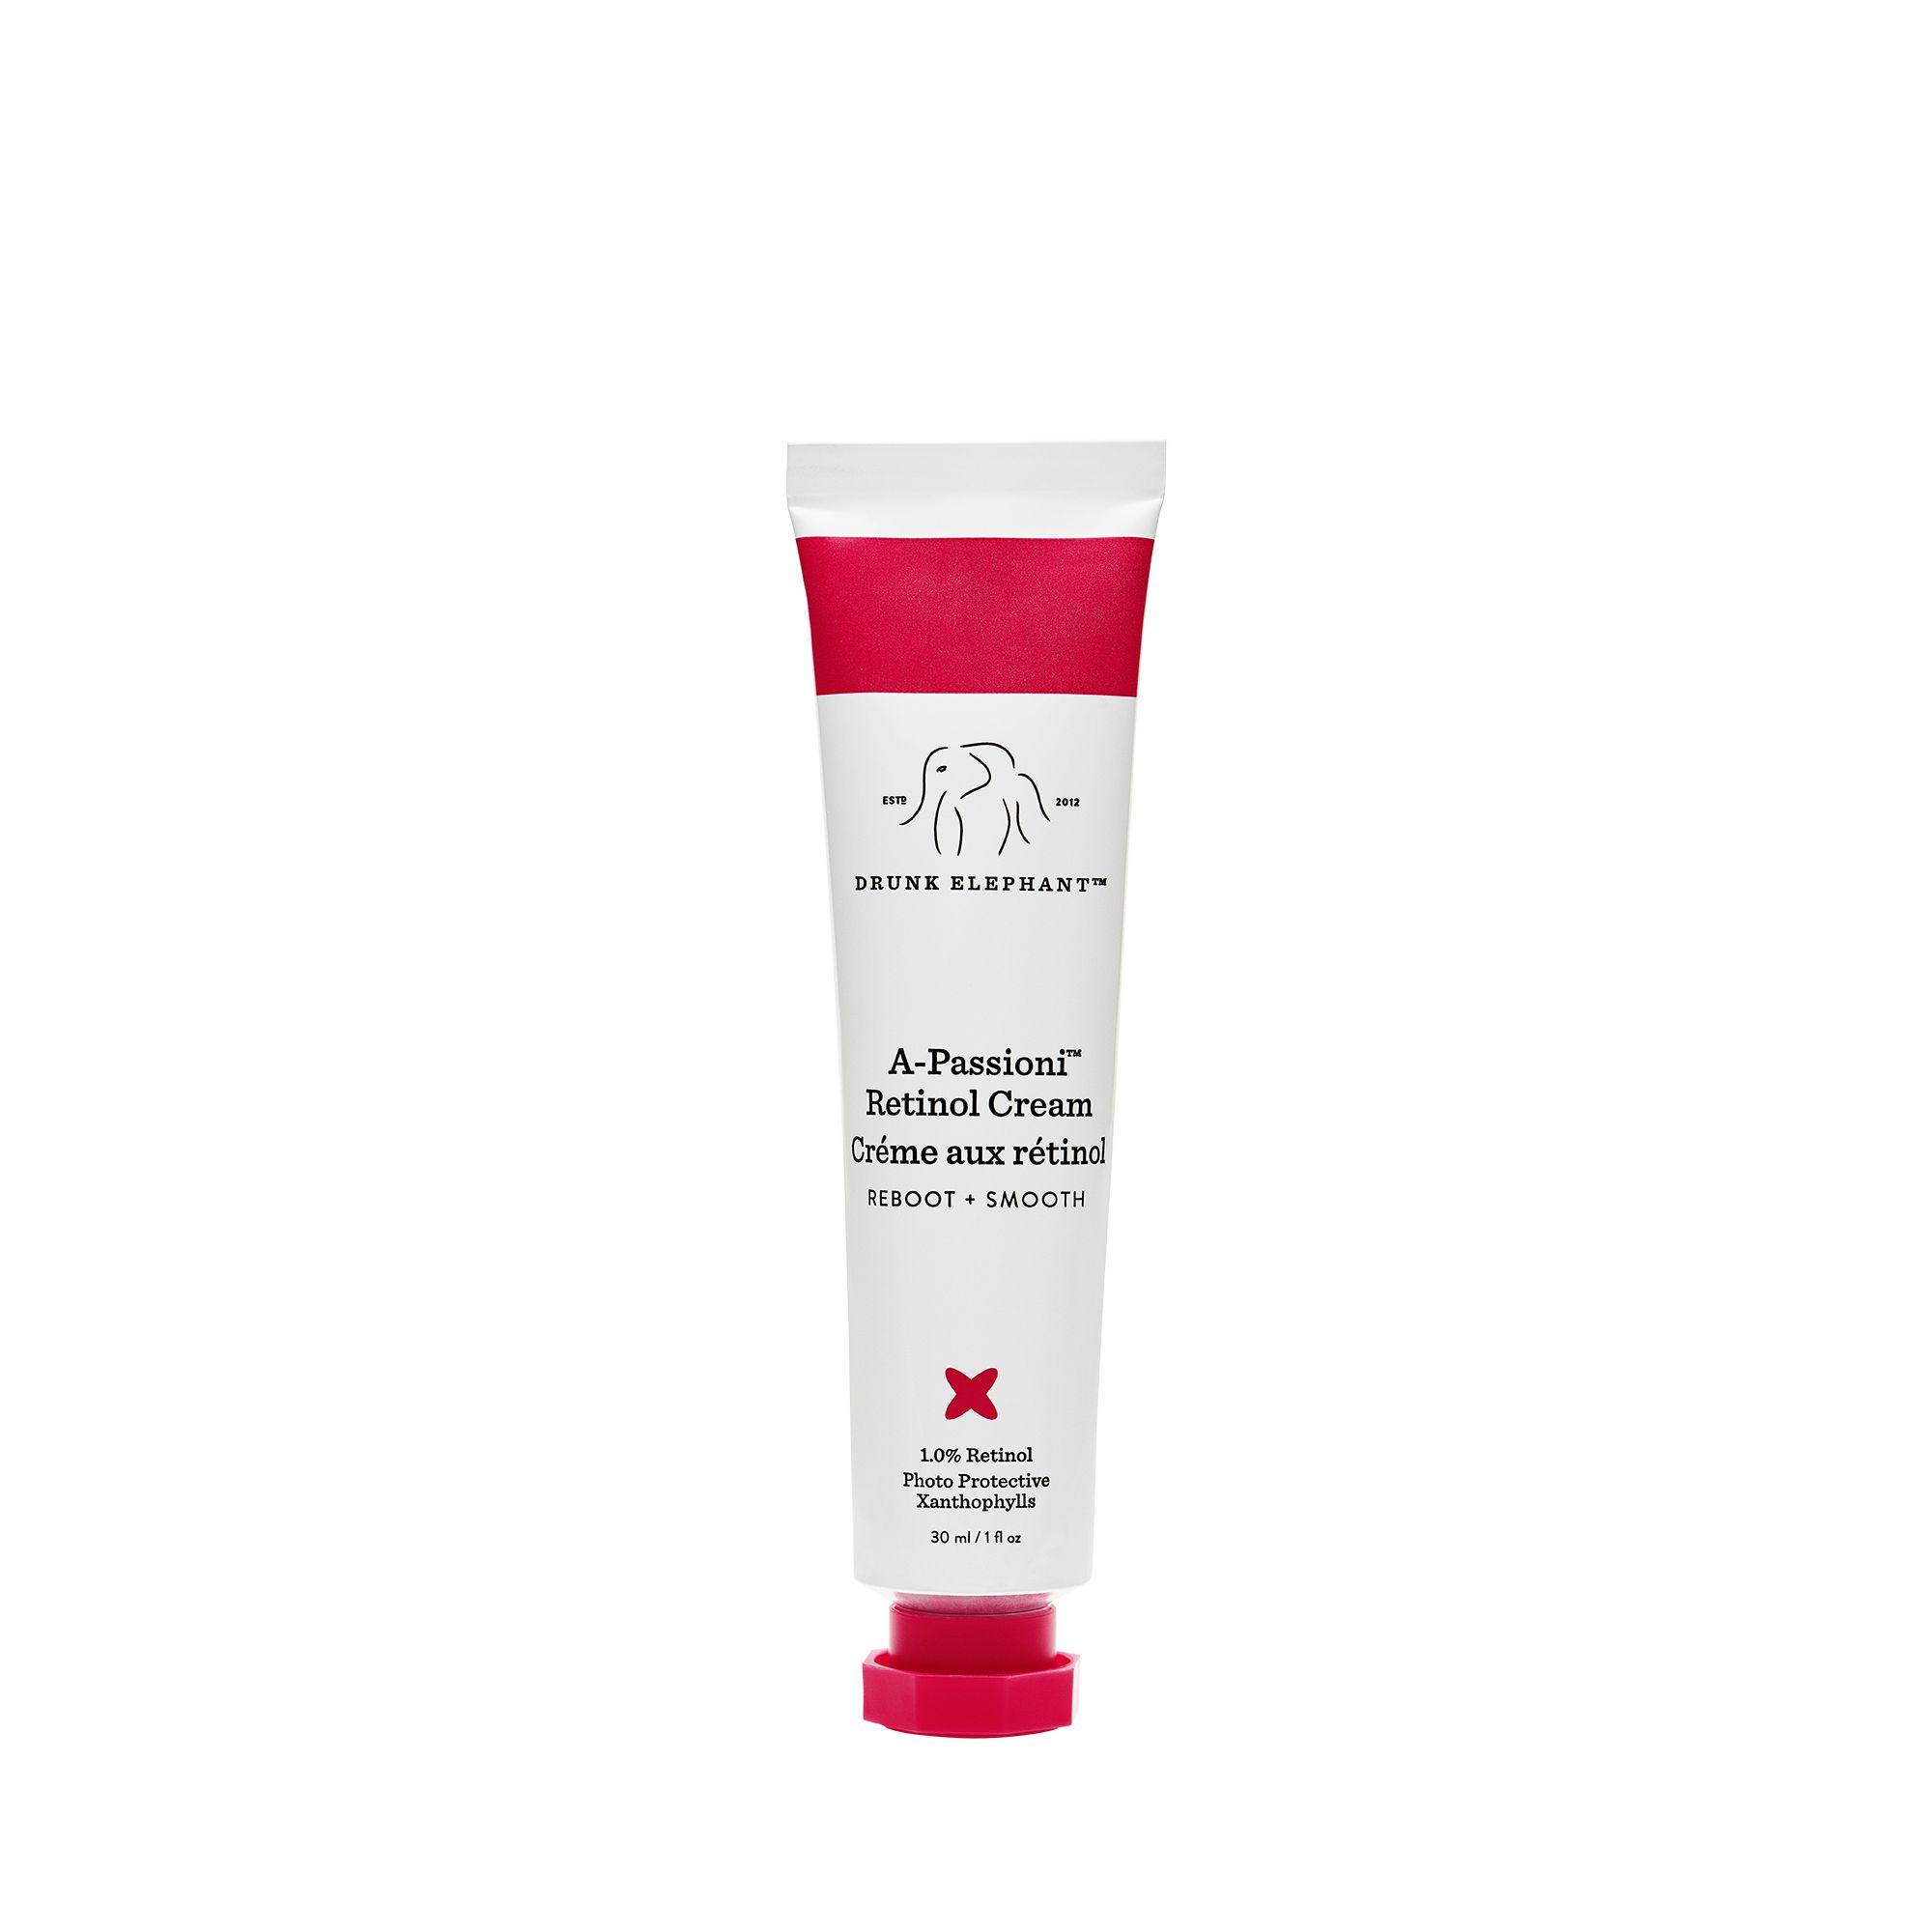 A-passioni retinol cream in a squeeze tube